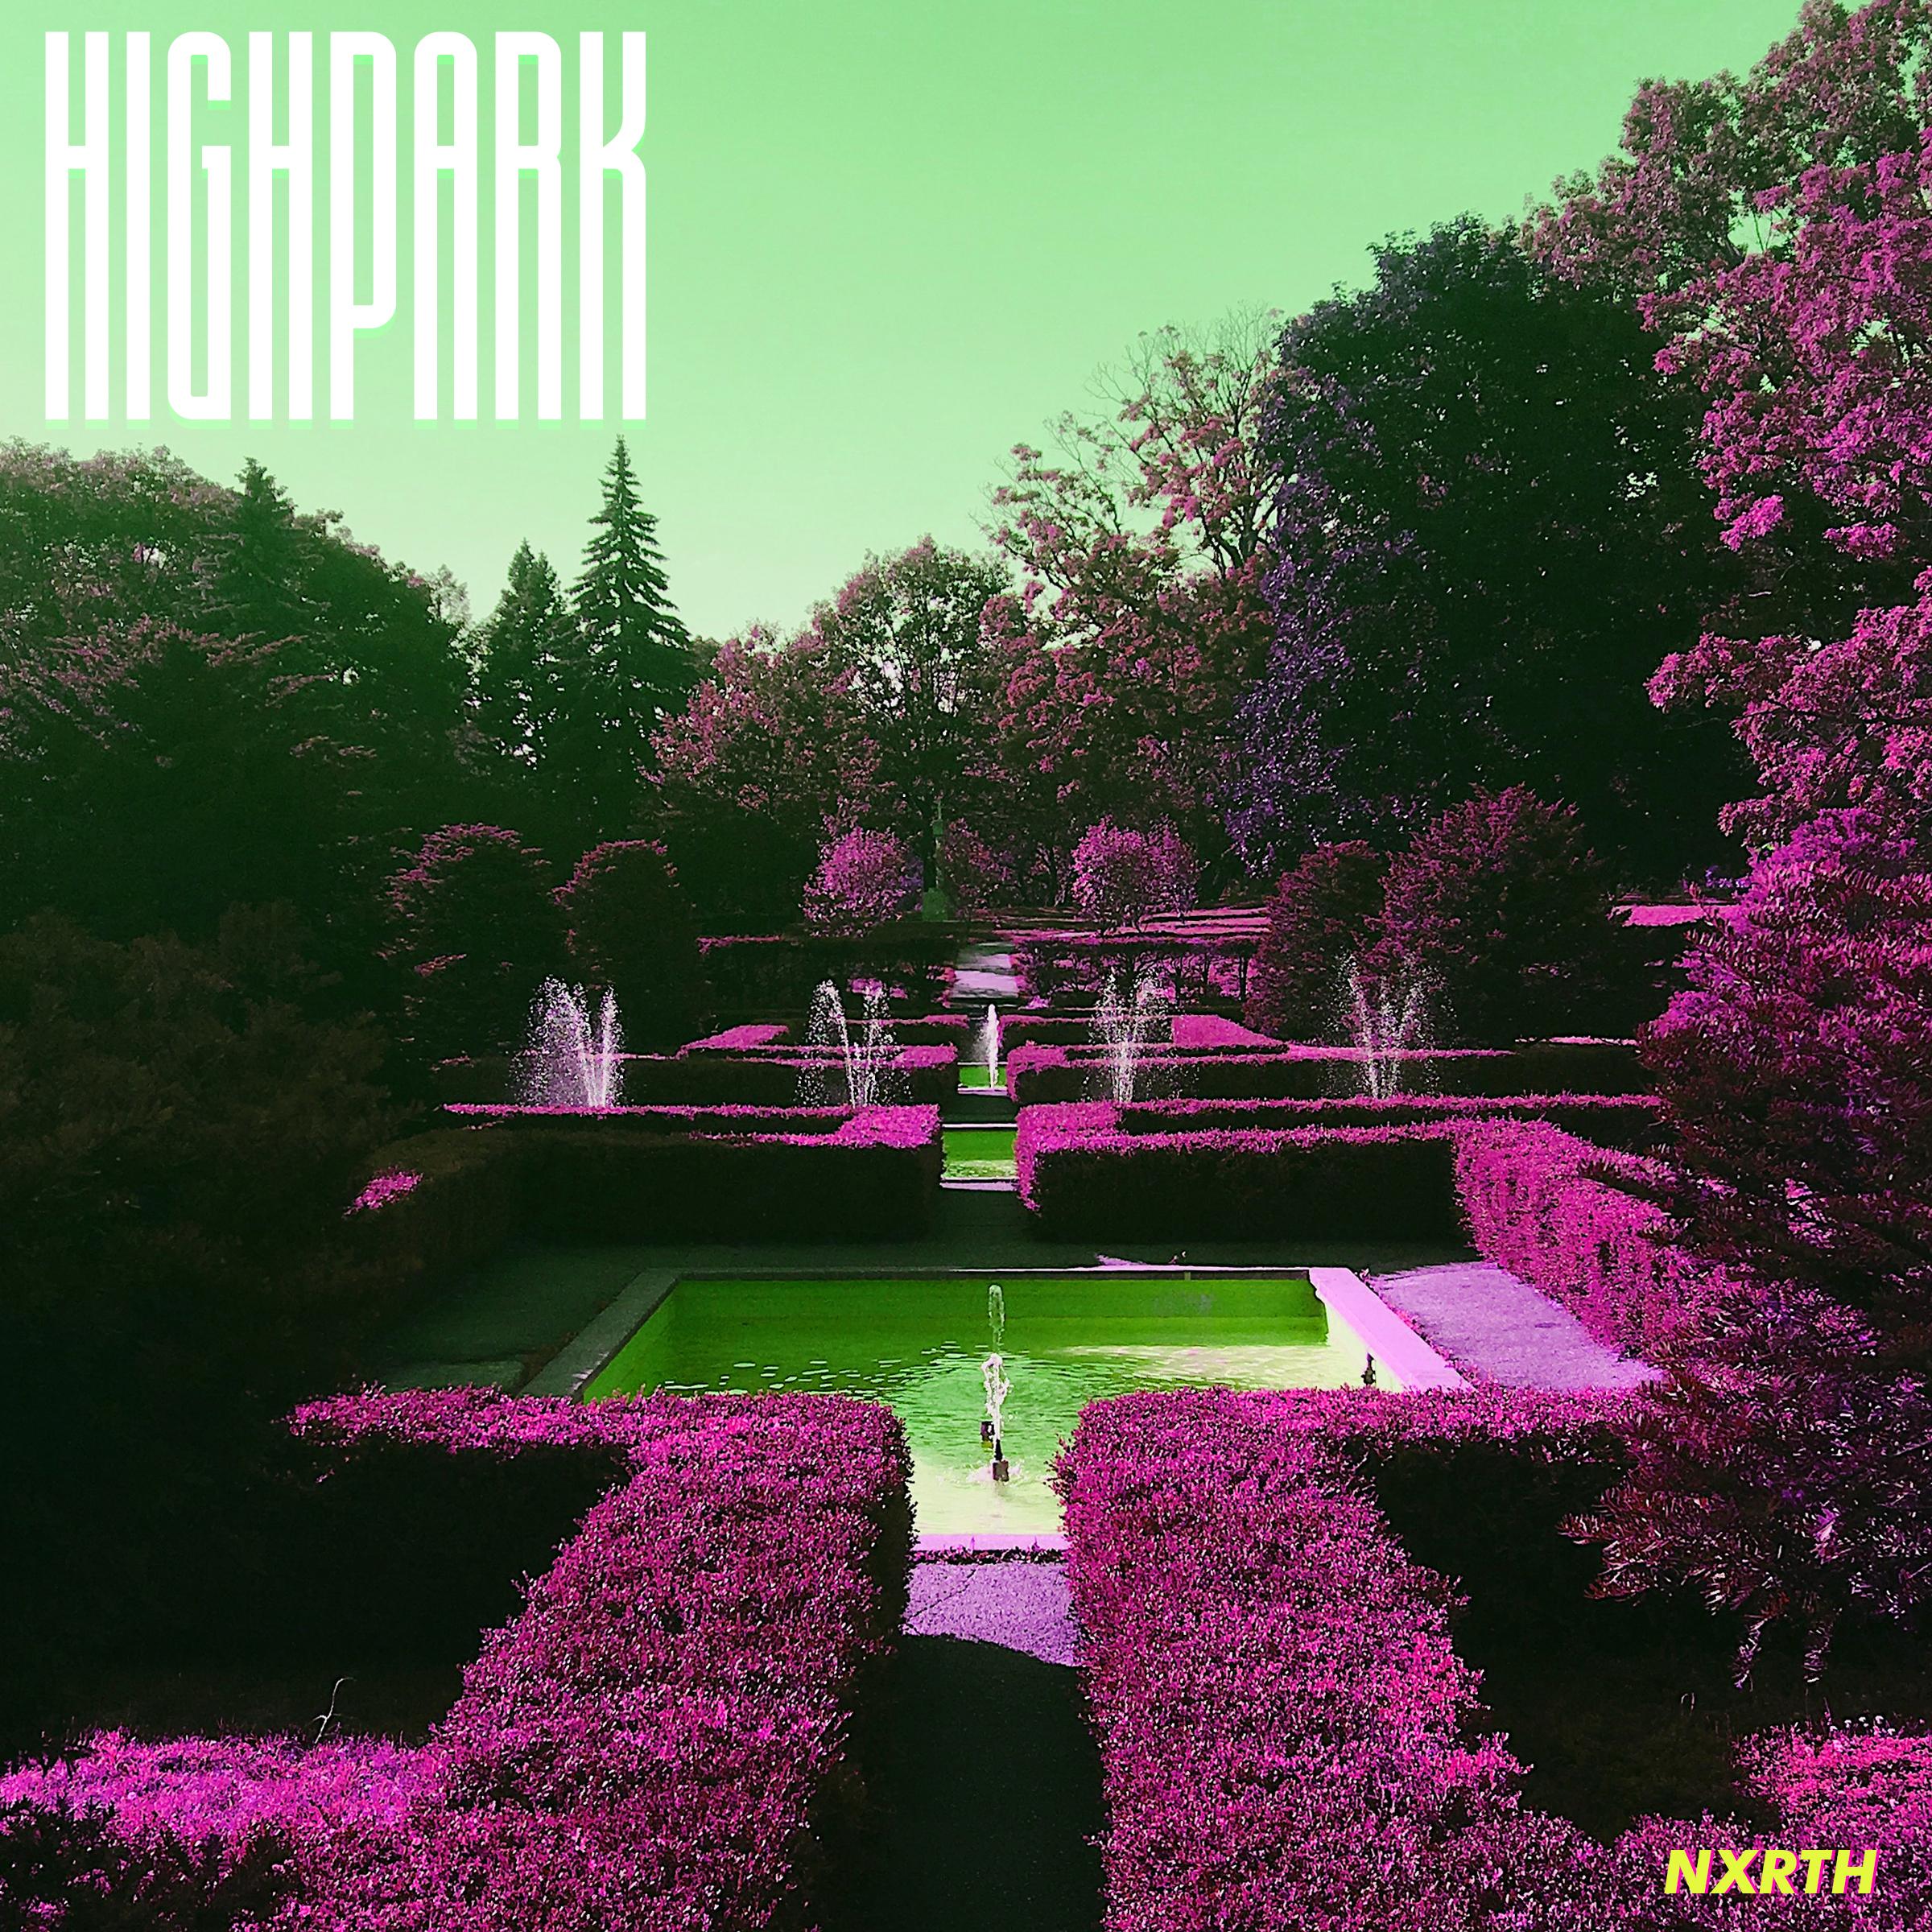 highpark.jpg